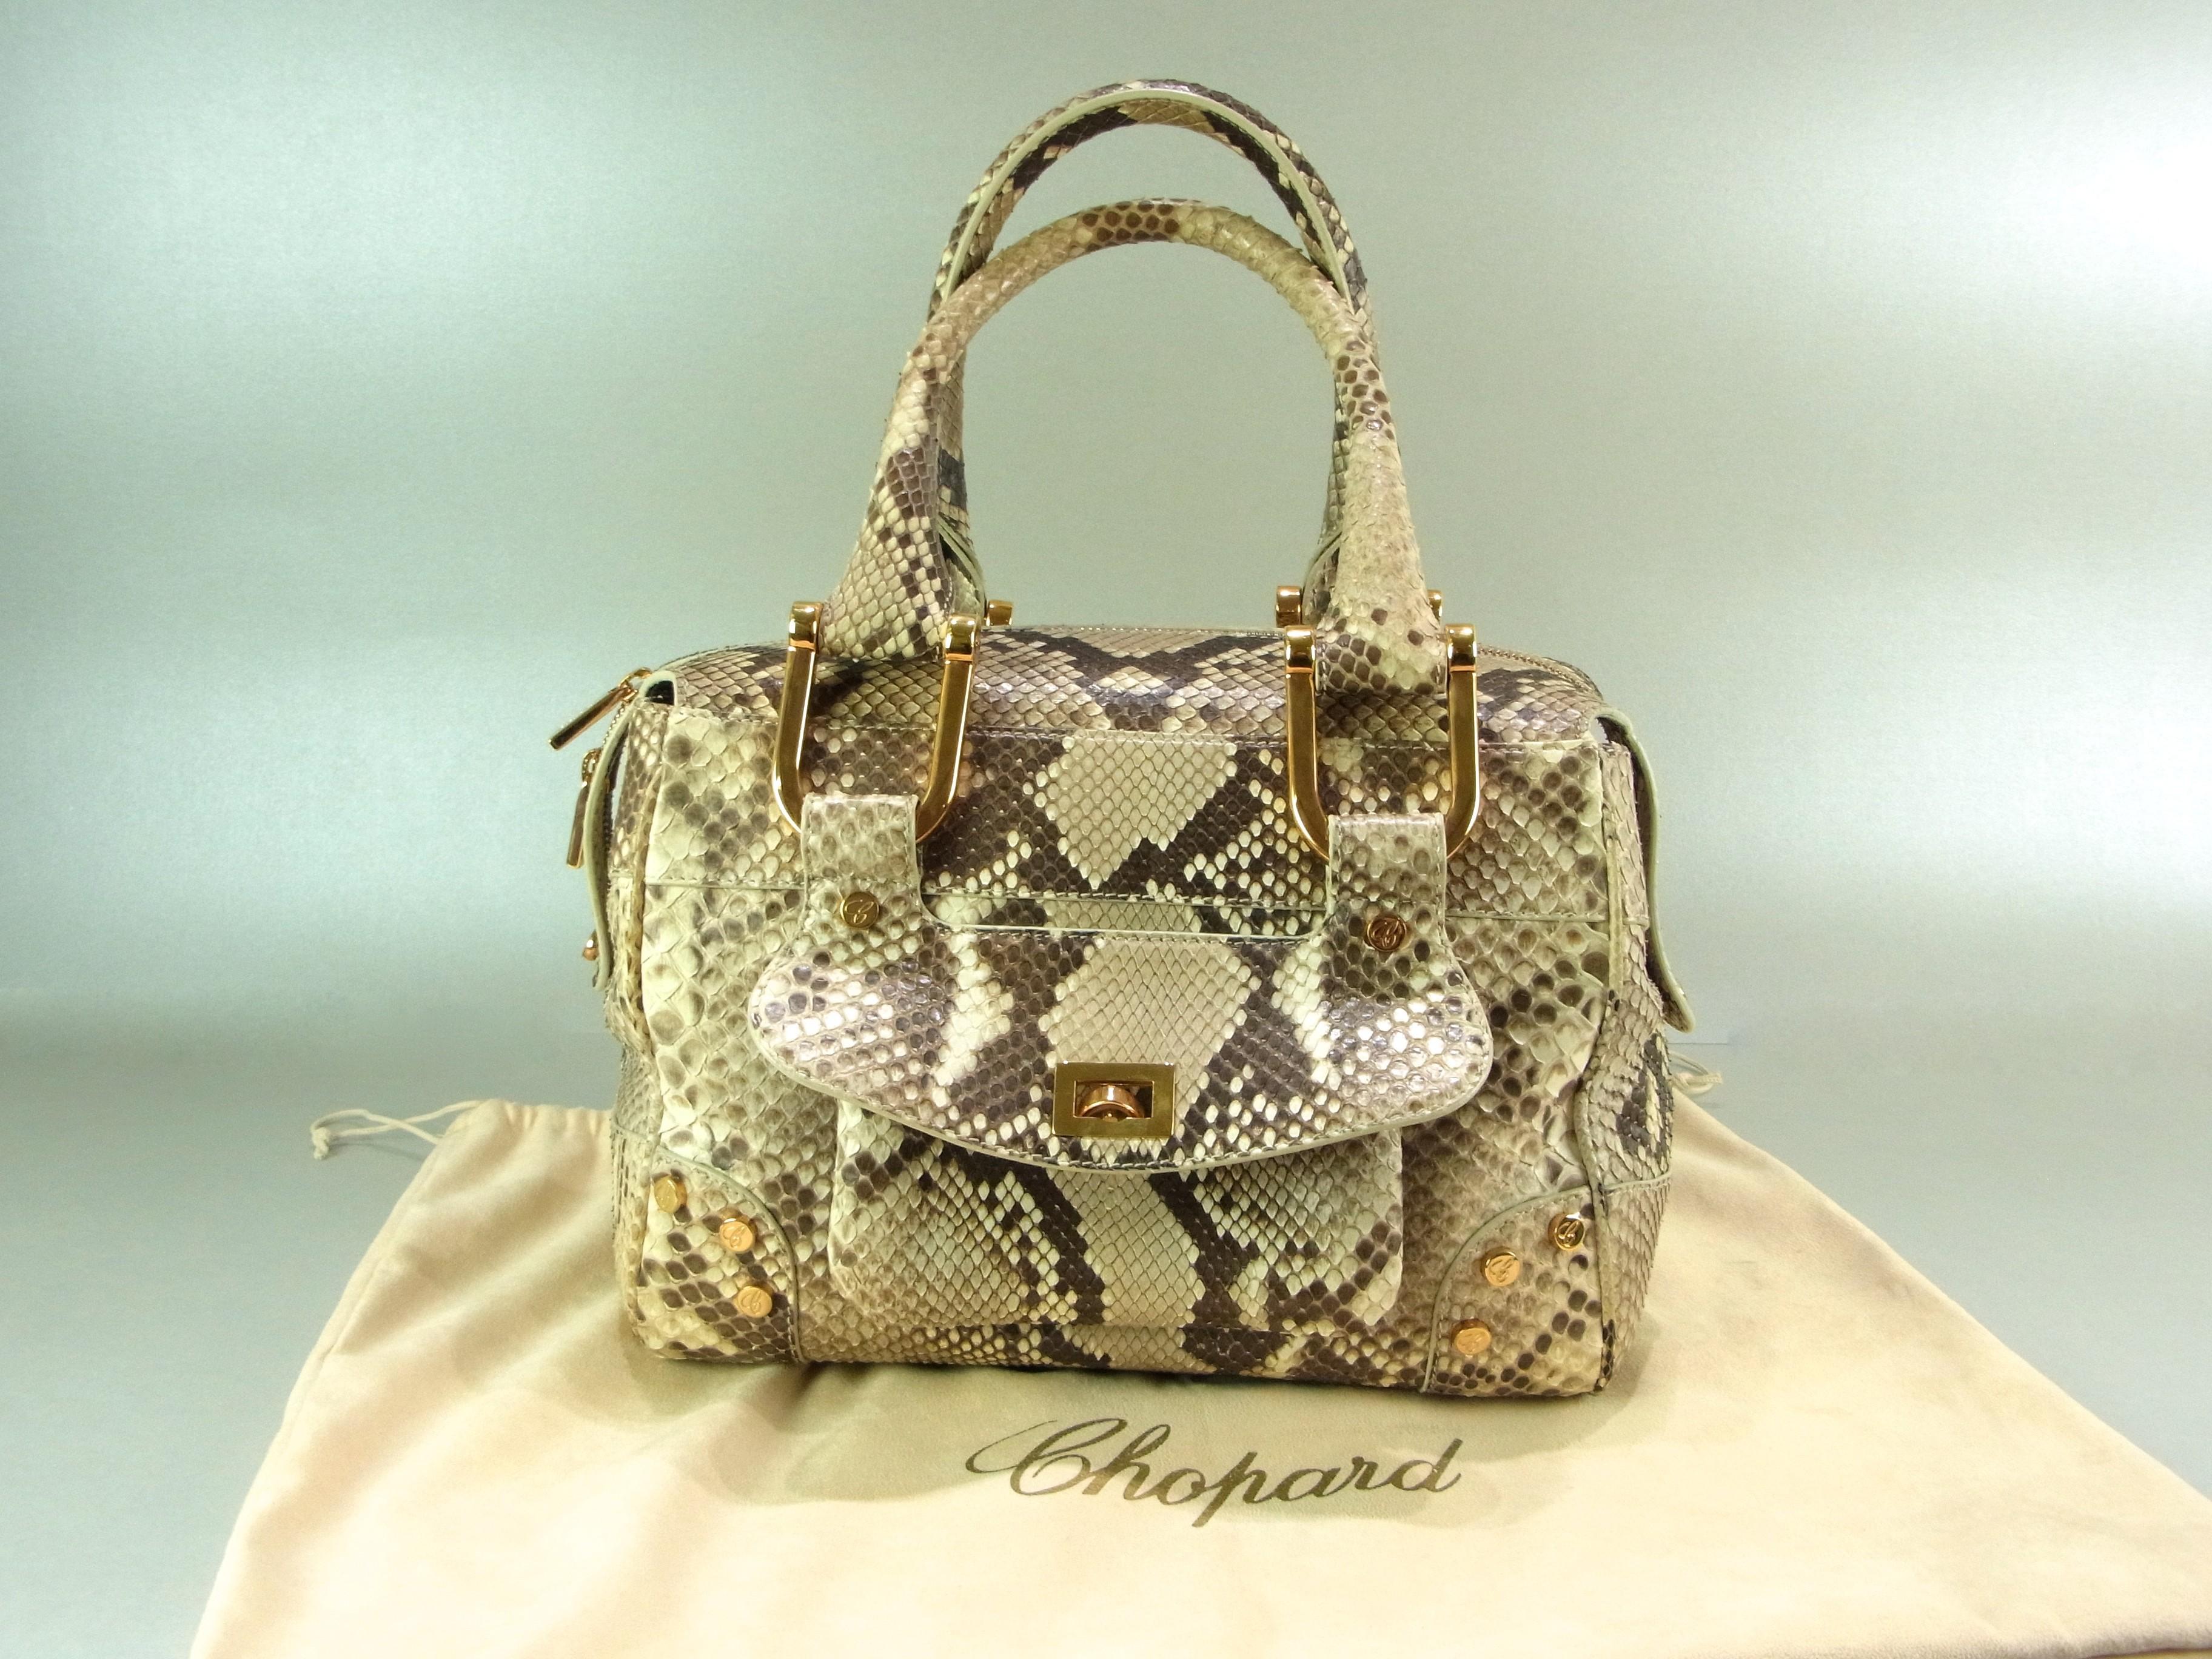 43cb46a6d4c9a Python Chopard Zustand Top Limited Leder Edition Caroline Tasche uOiTkXPZ